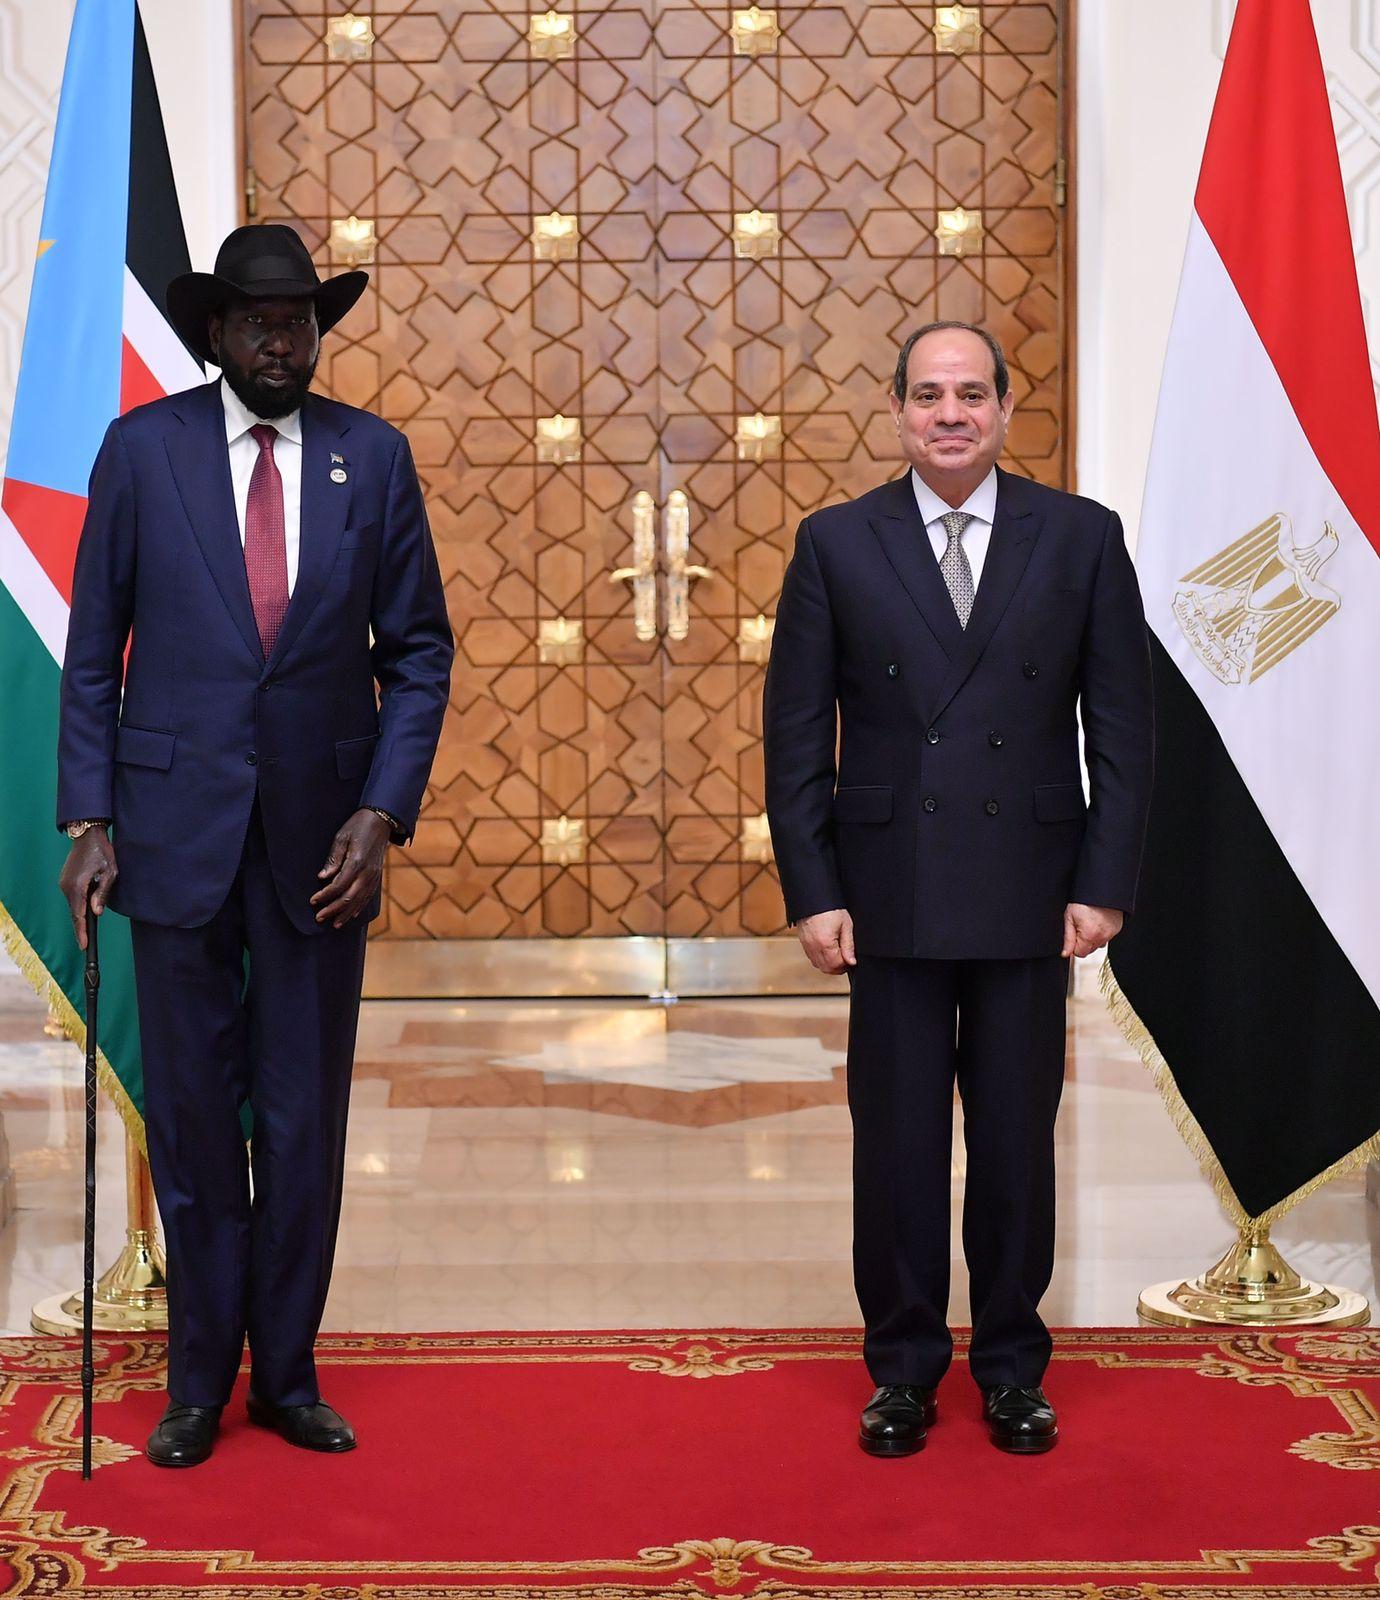 الرئيس السيسى يستقبل نظيره رئيس جنوب السودان  (9)